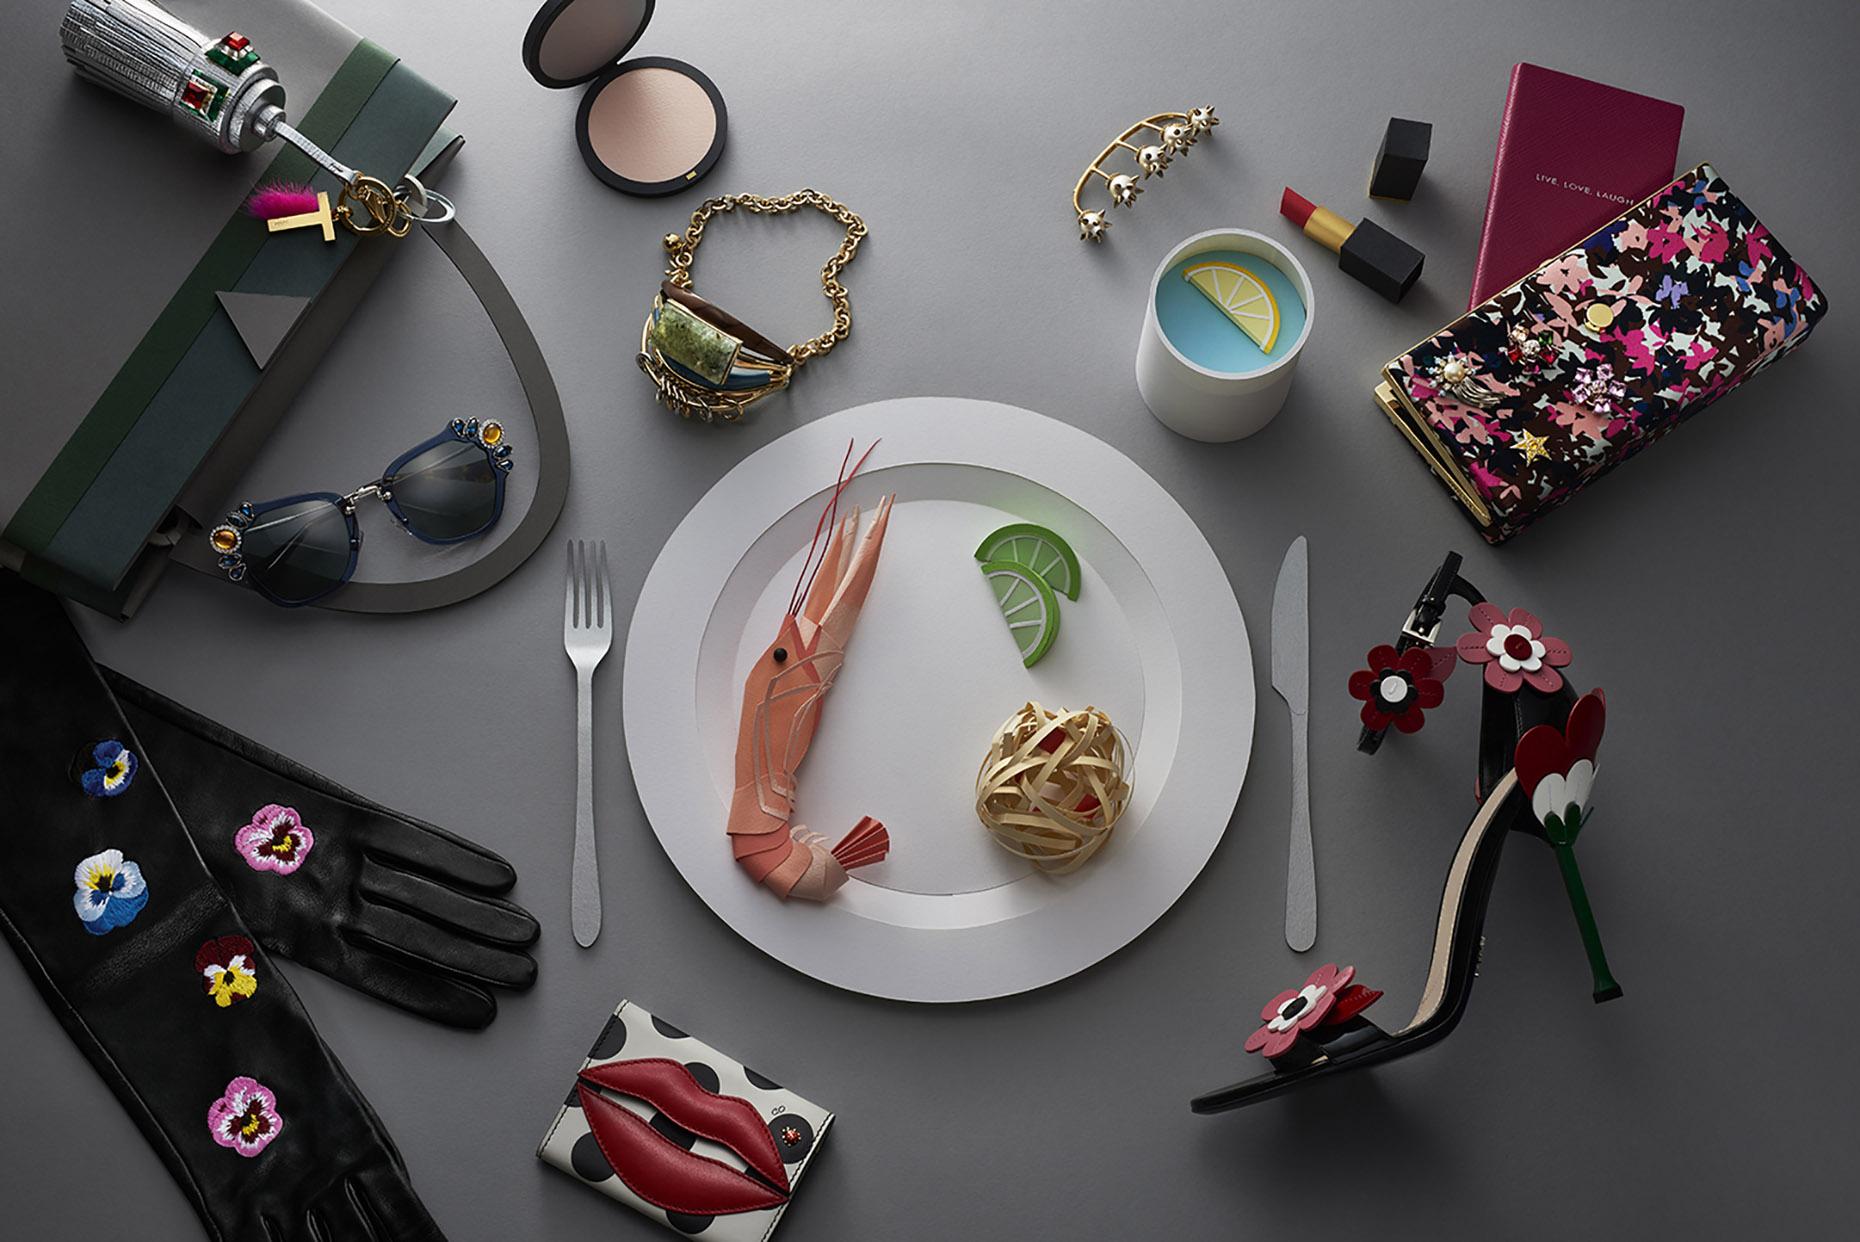 hattie_newman_conde_nast_traveller_Ladies That Lunch.jpg